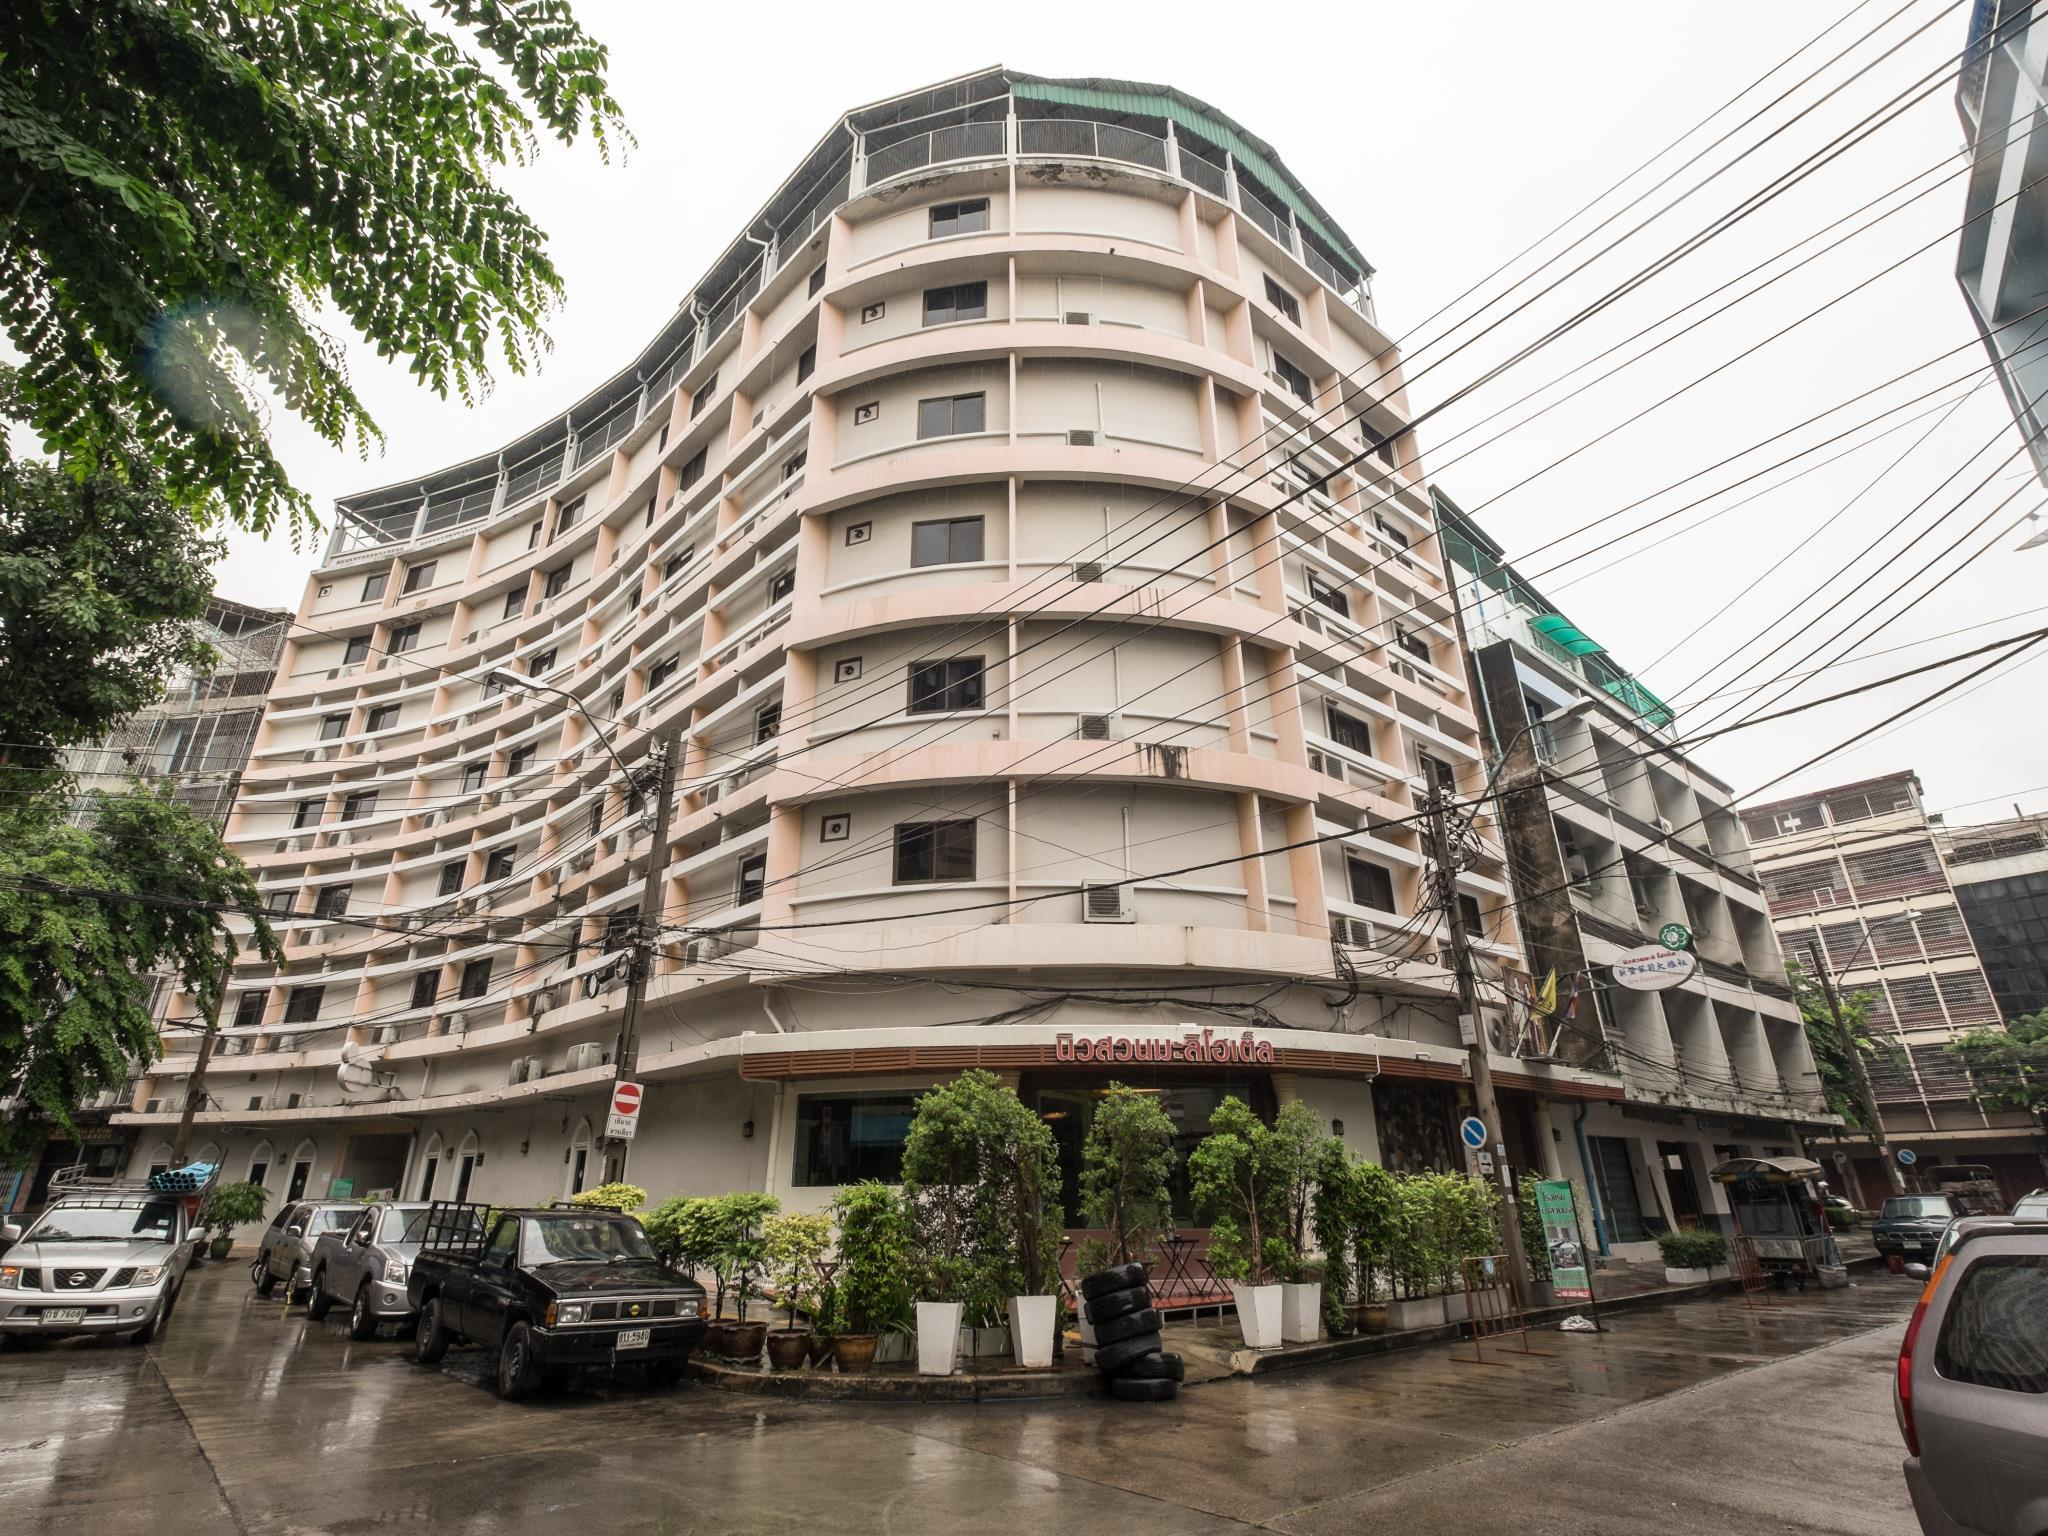 New Suanmali Hotel